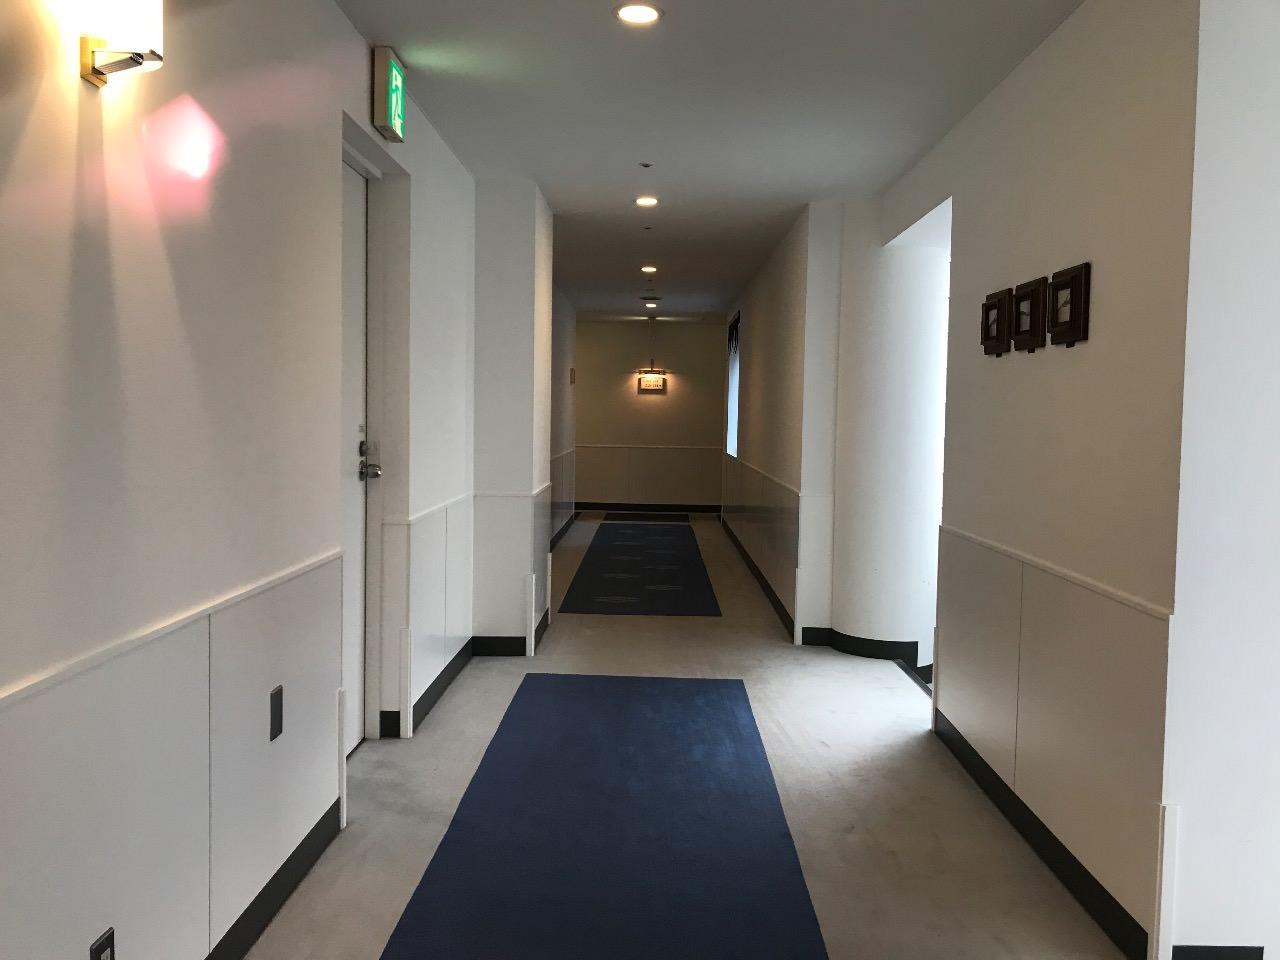 札幌 ホテル クラビー 館内